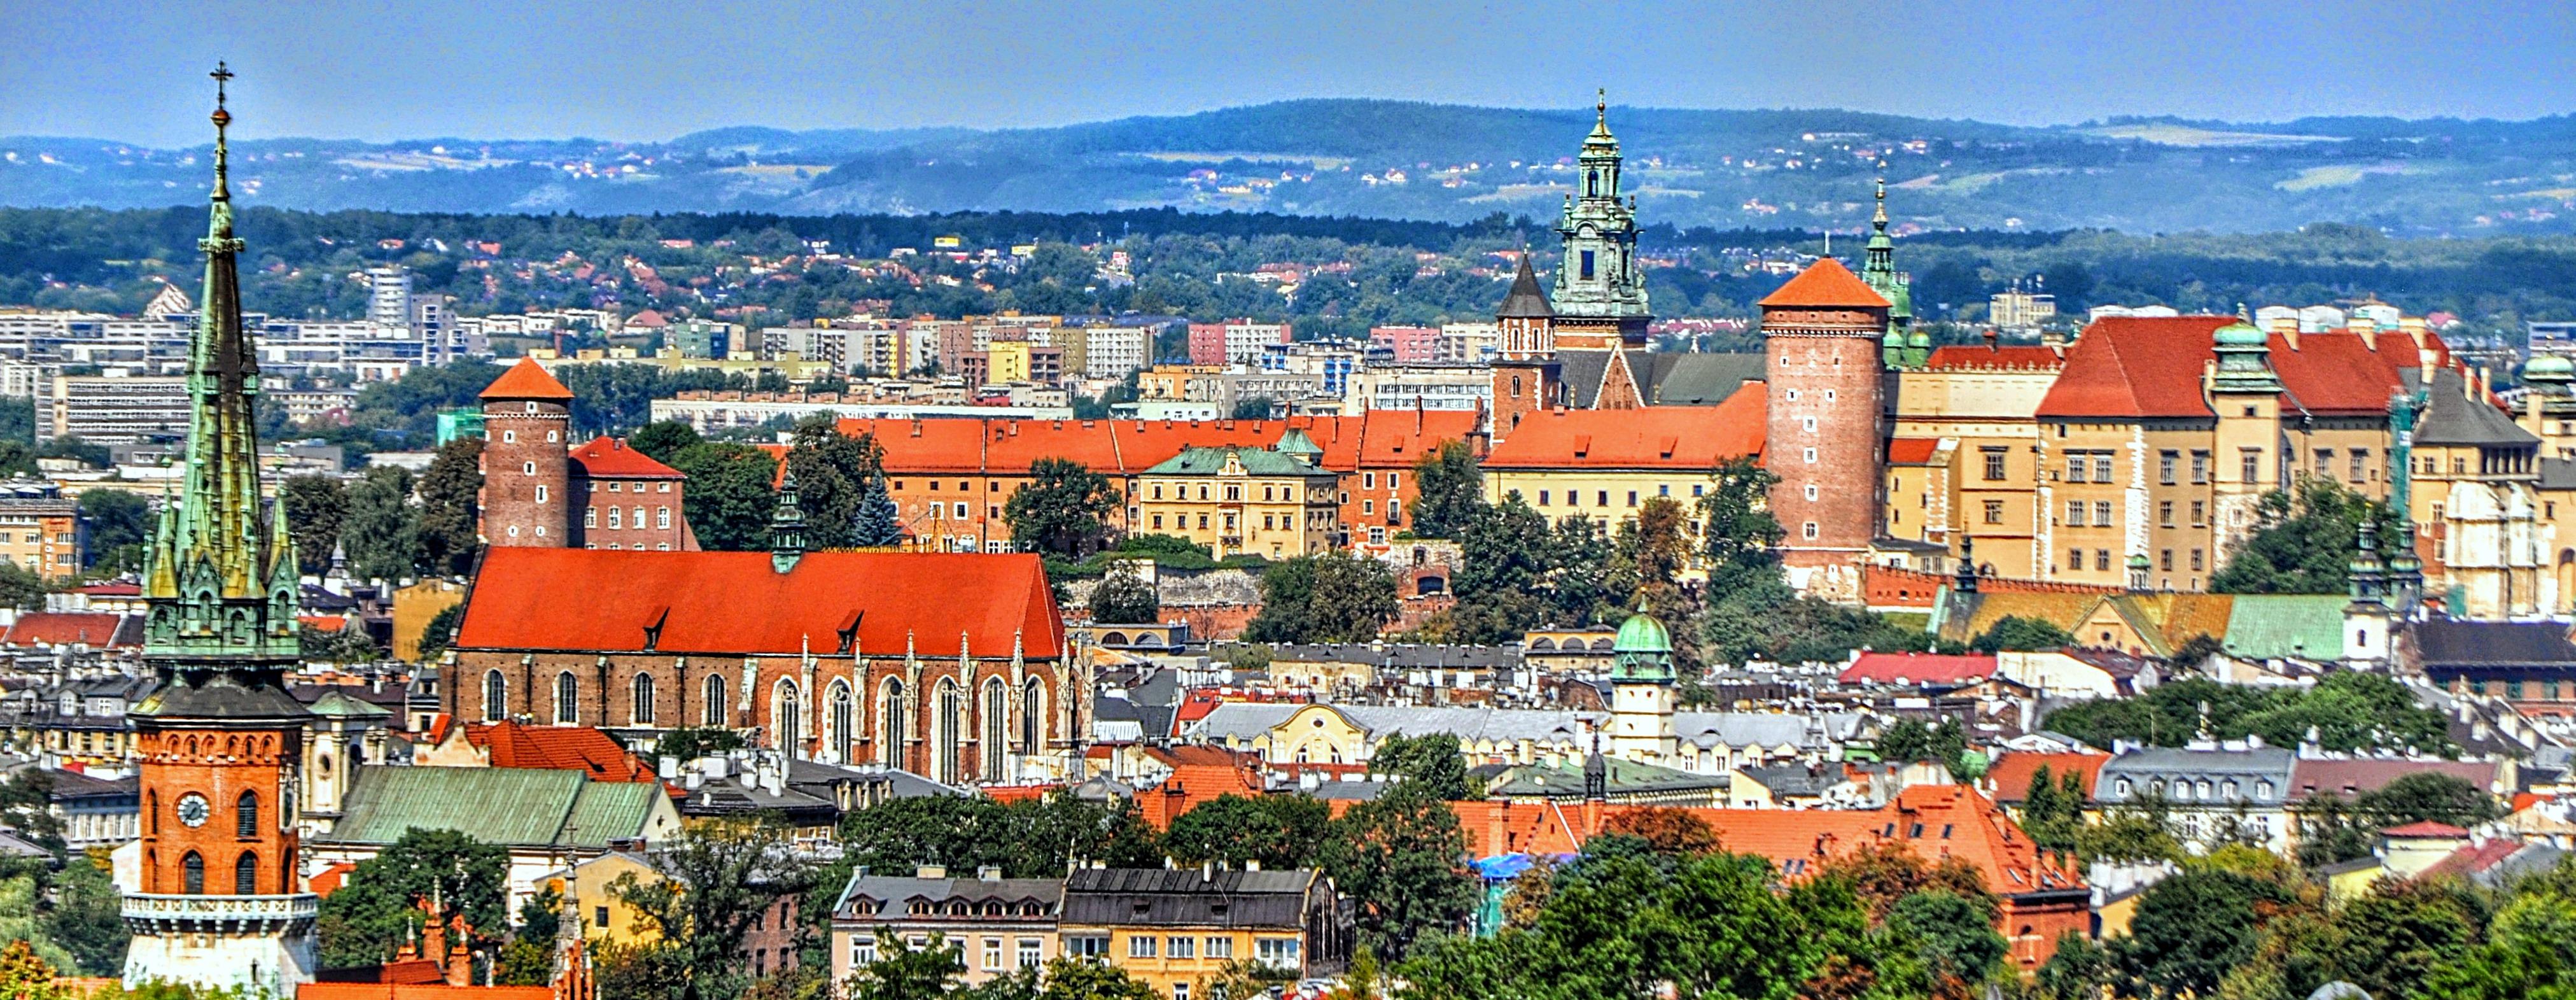 Kraków cityscape